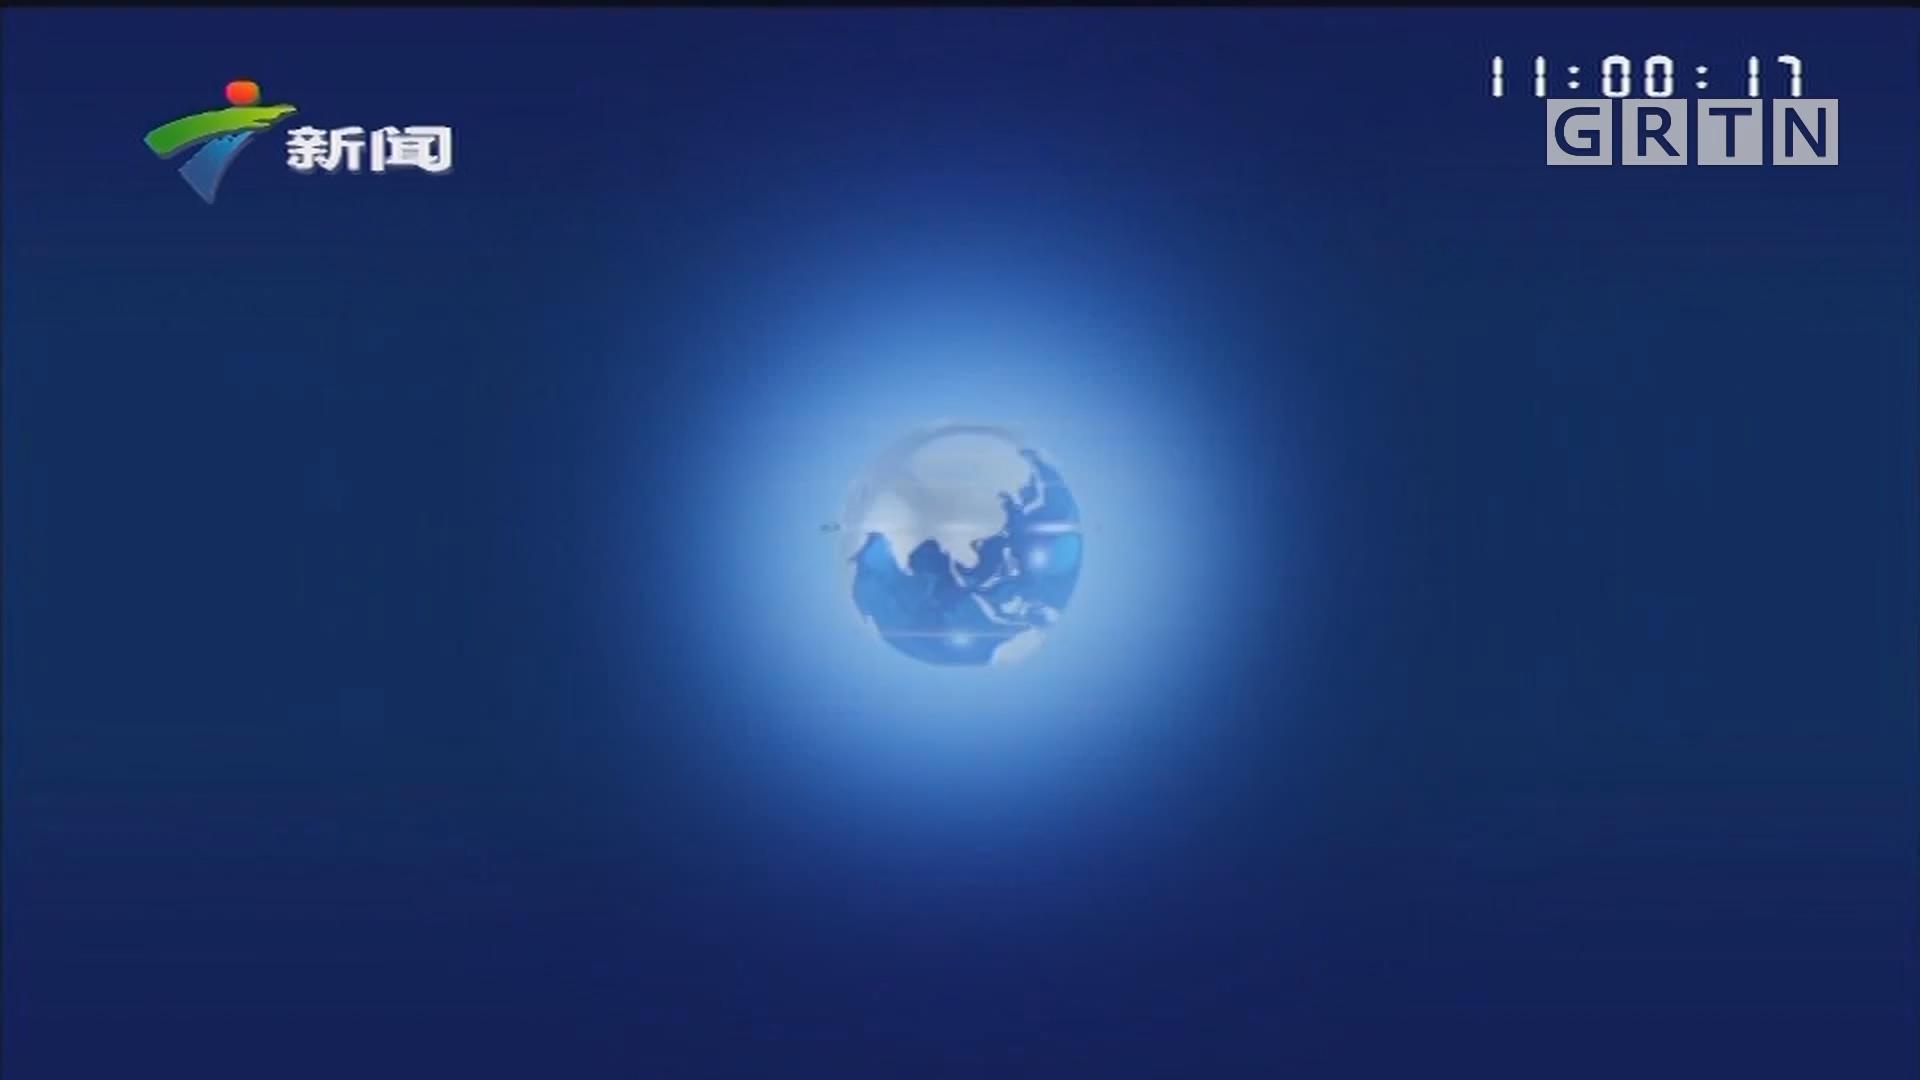 [HD][2019-11-05]正点播报:第二届中国国际进口博览会开幕 展现中国市场魅力 世界500强企业热情高